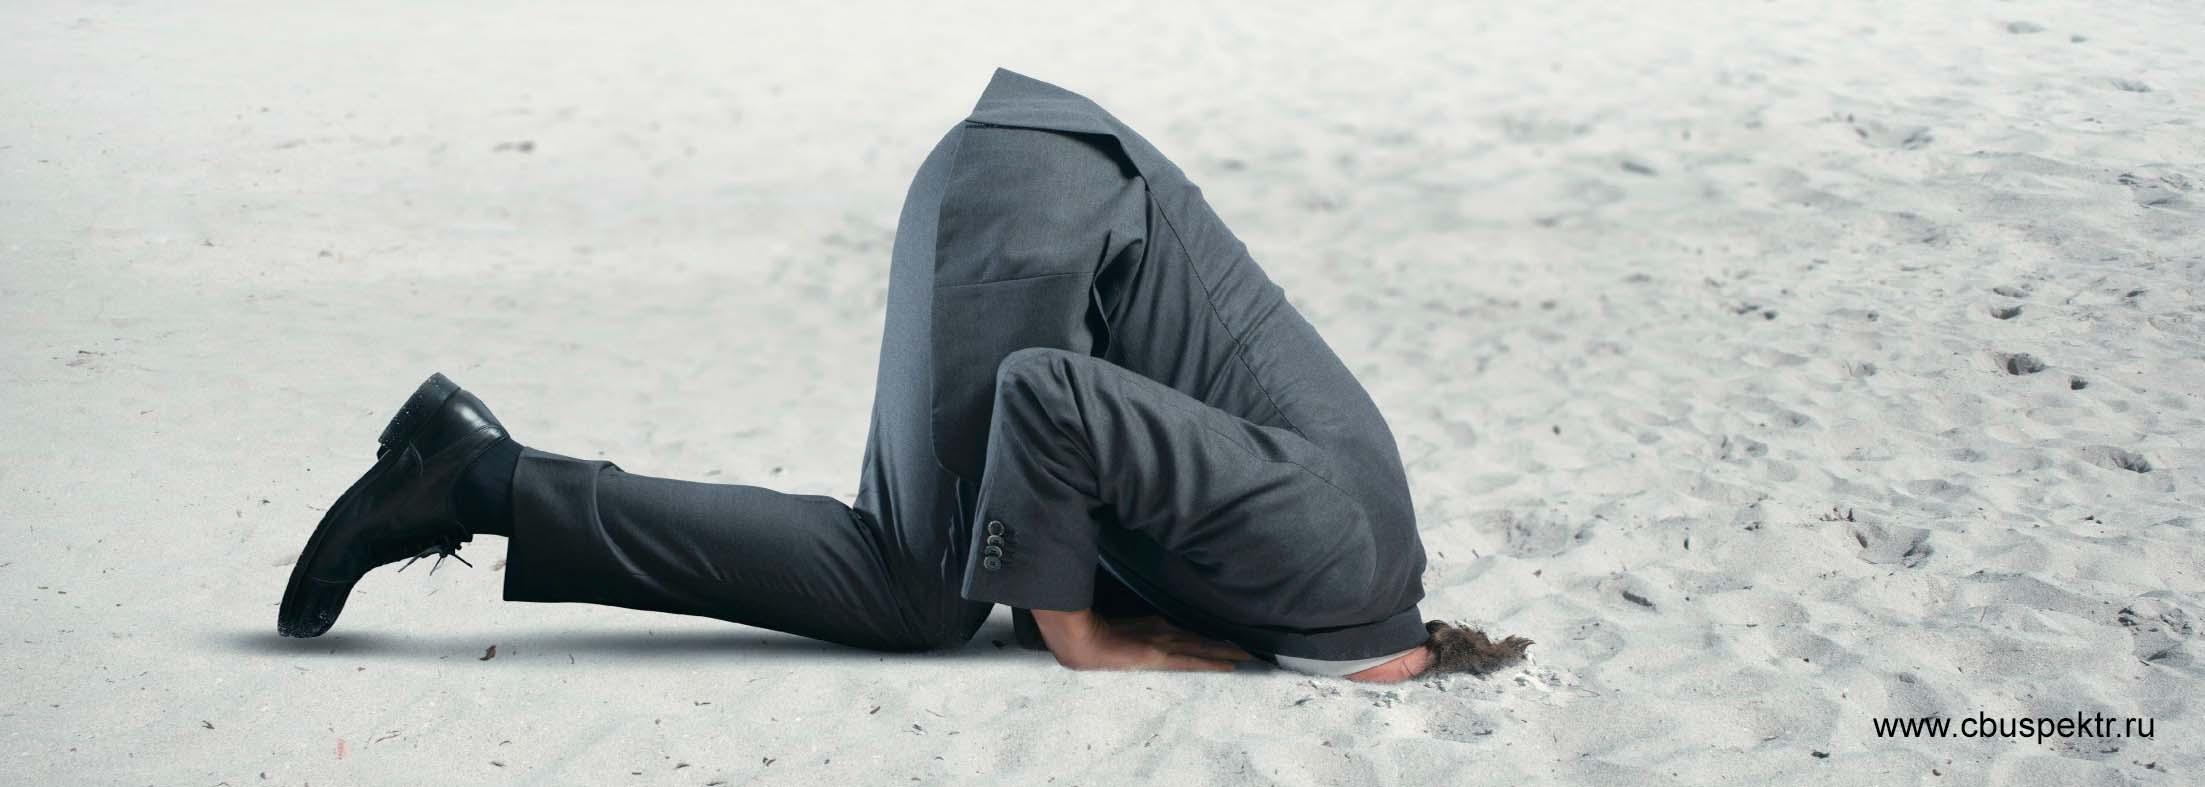 Должник спрятал голову в песок